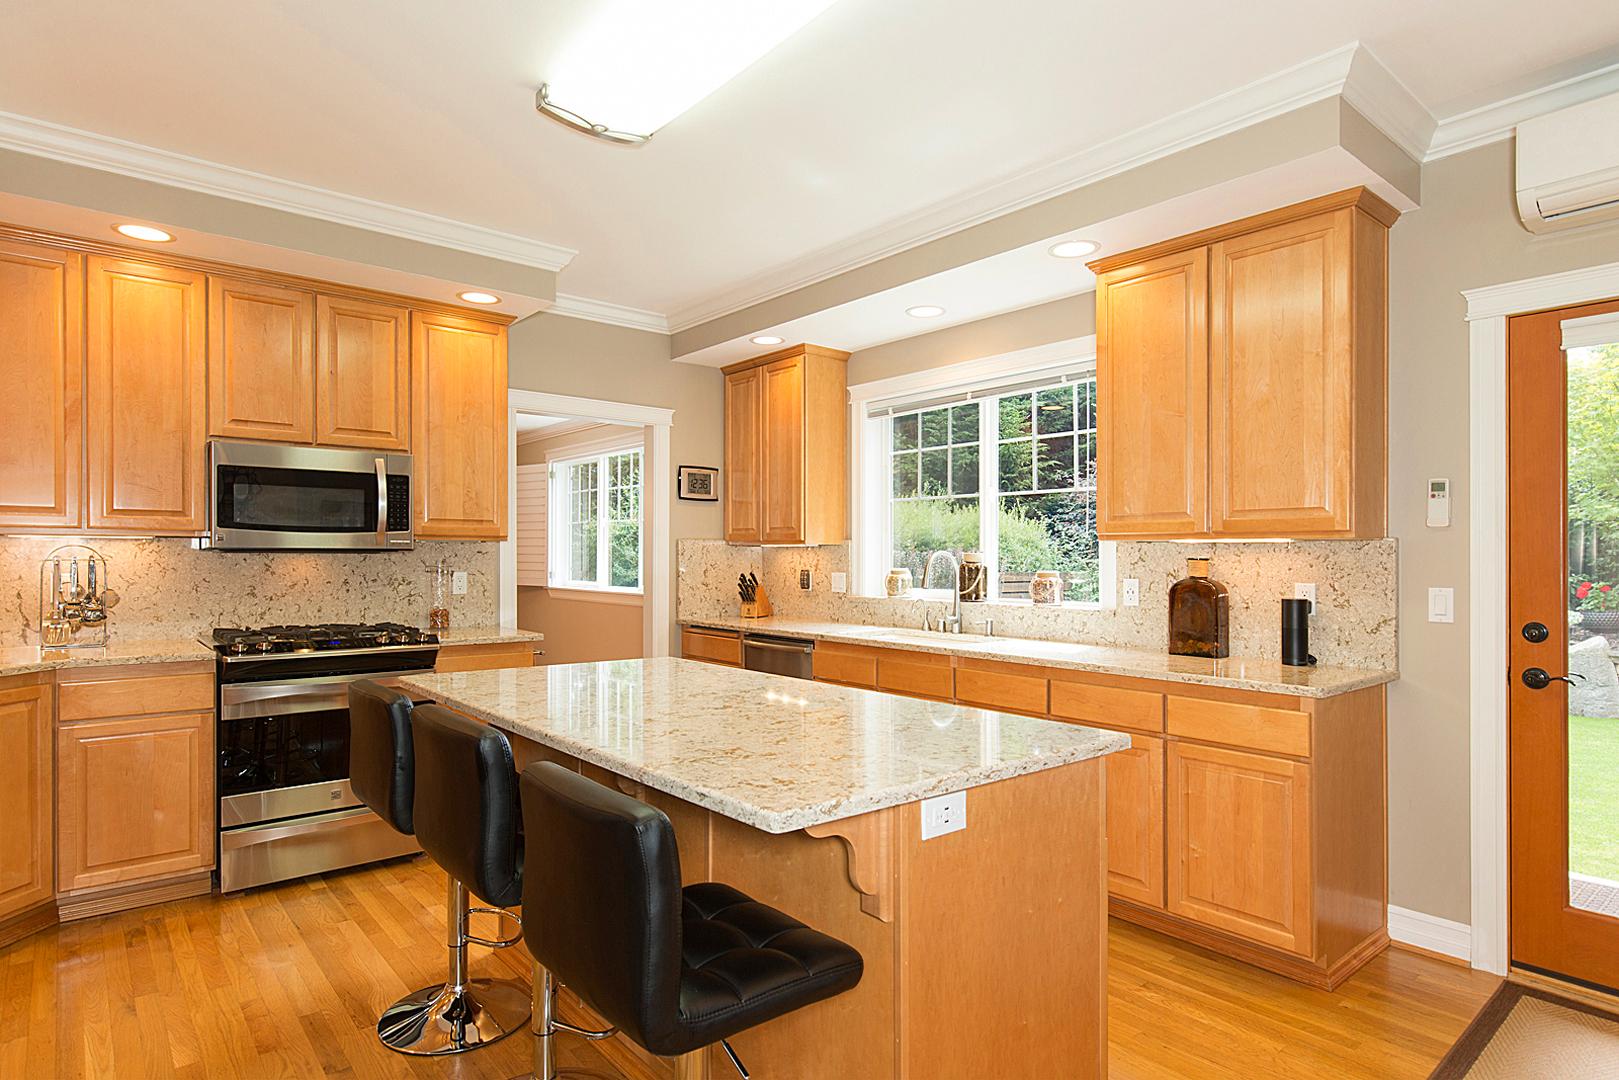 29 kitchen 1-2.jpg